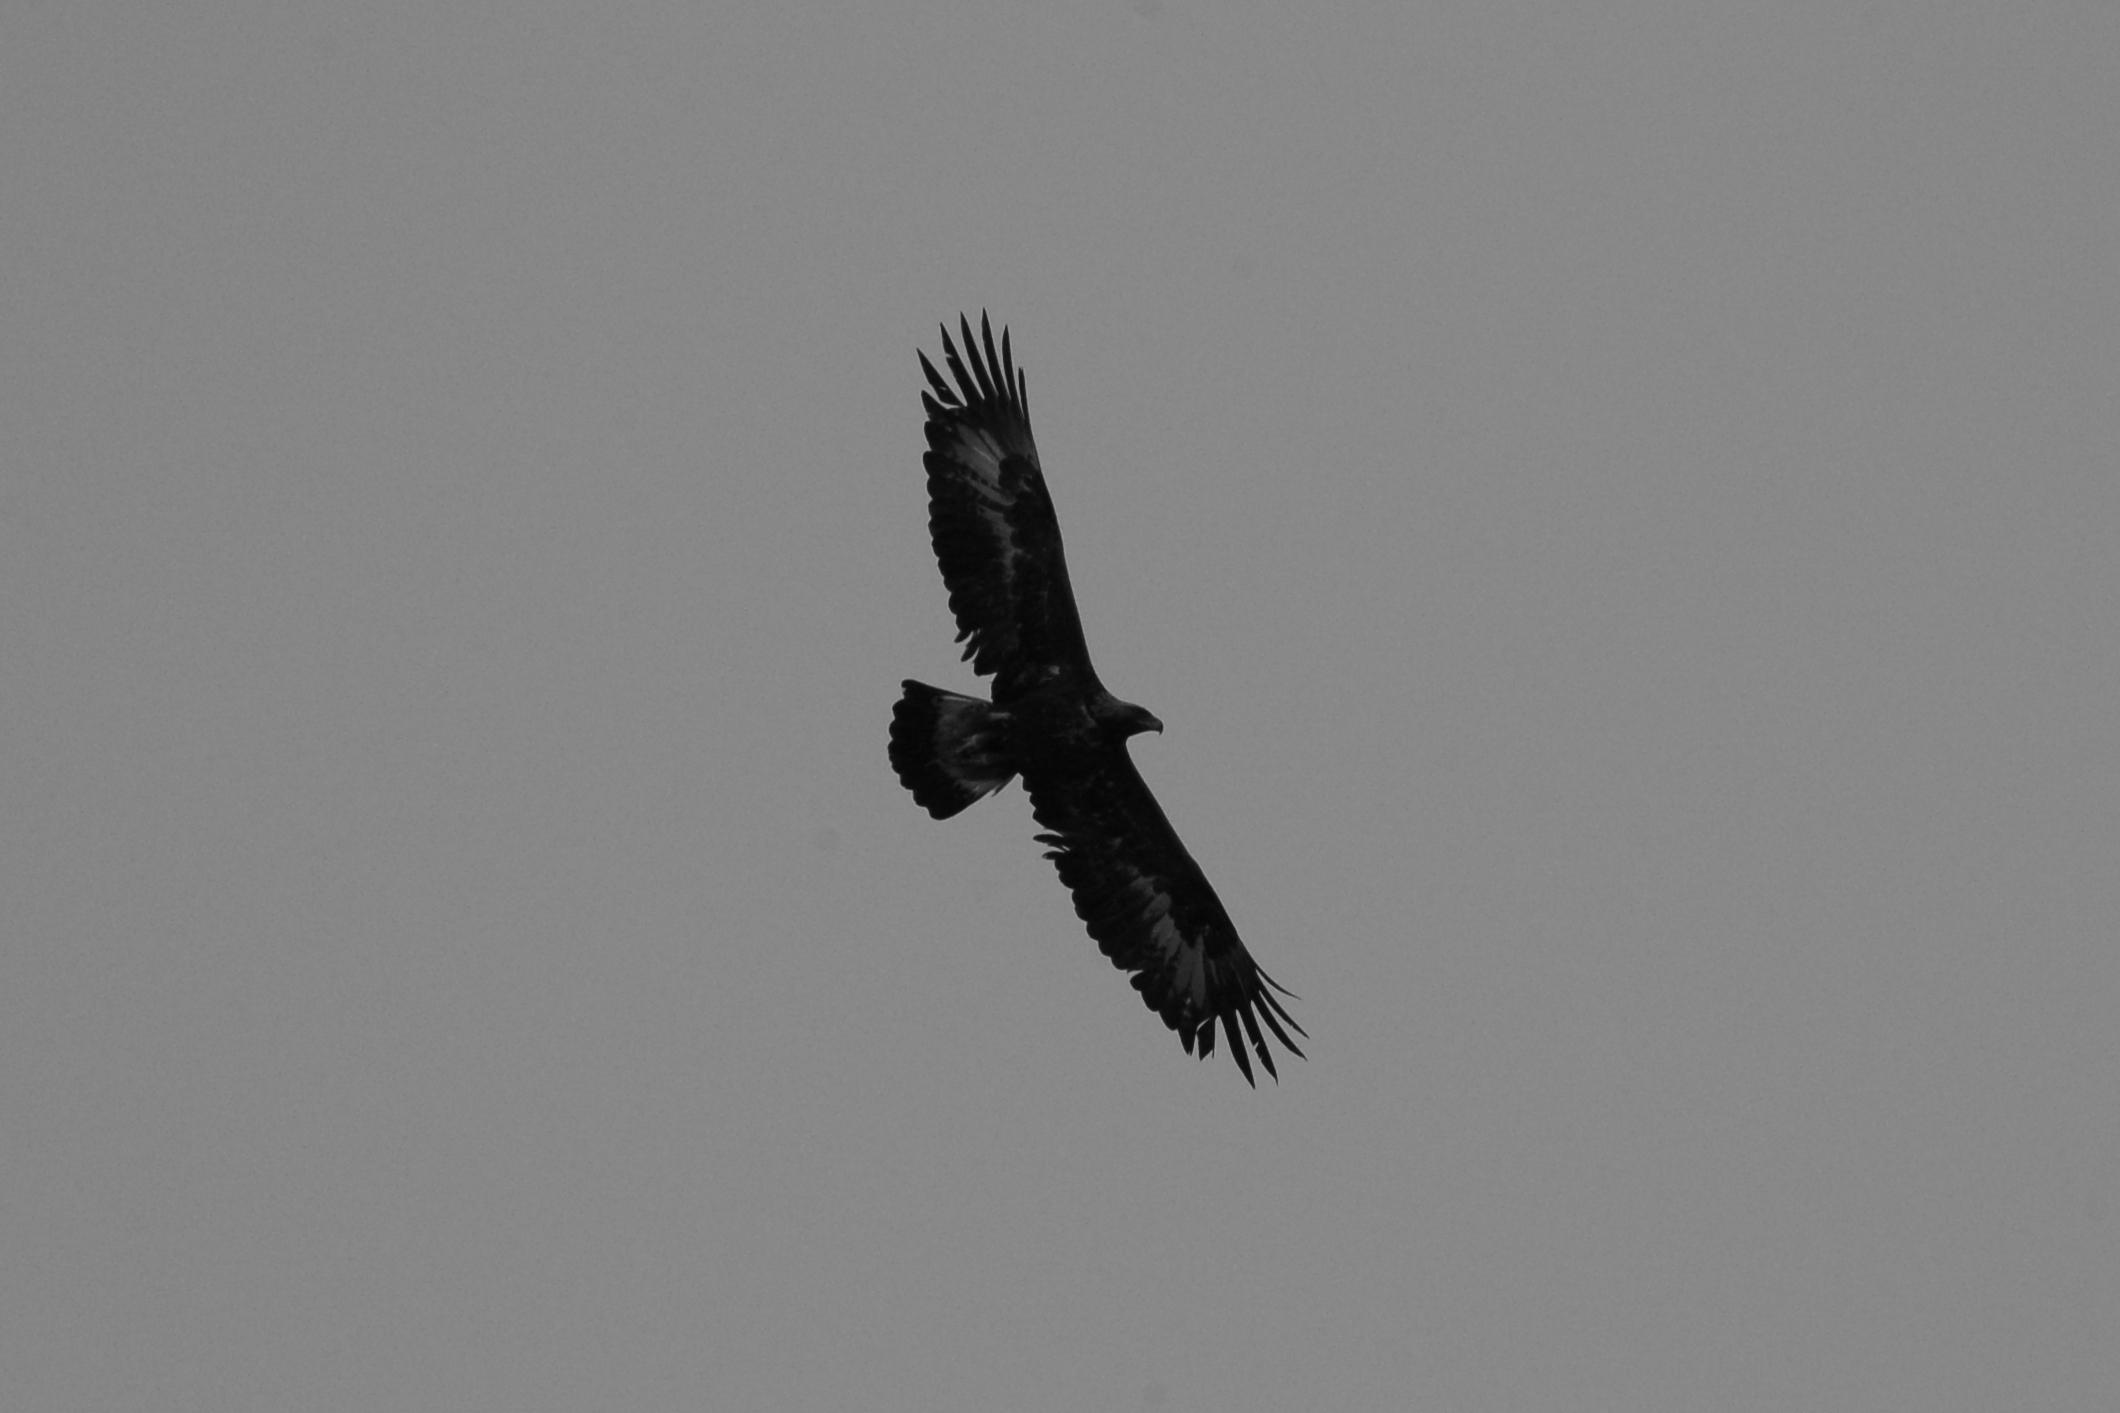 Aquila reale in bianco e nero...